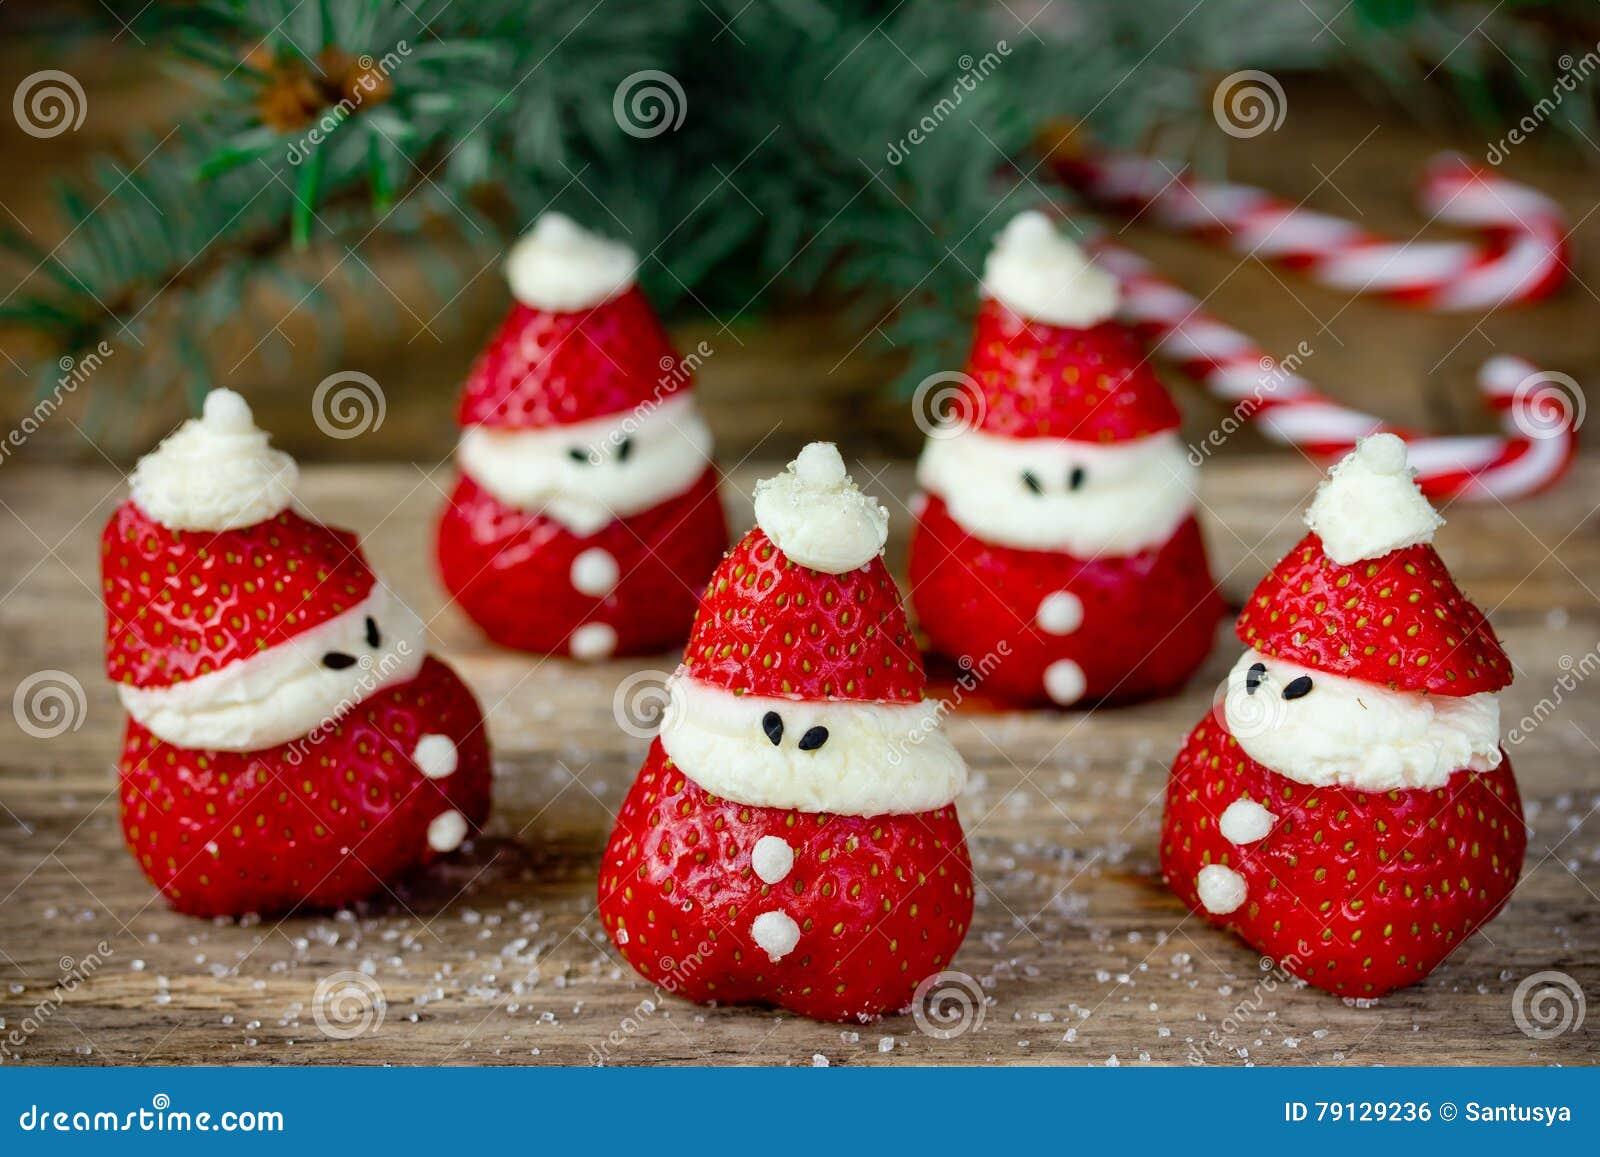 Weihnachtsessen Kindern Rezepte.Weihnachtsessenparteiideen Für Kinder Erdbeer Sankt Rezept